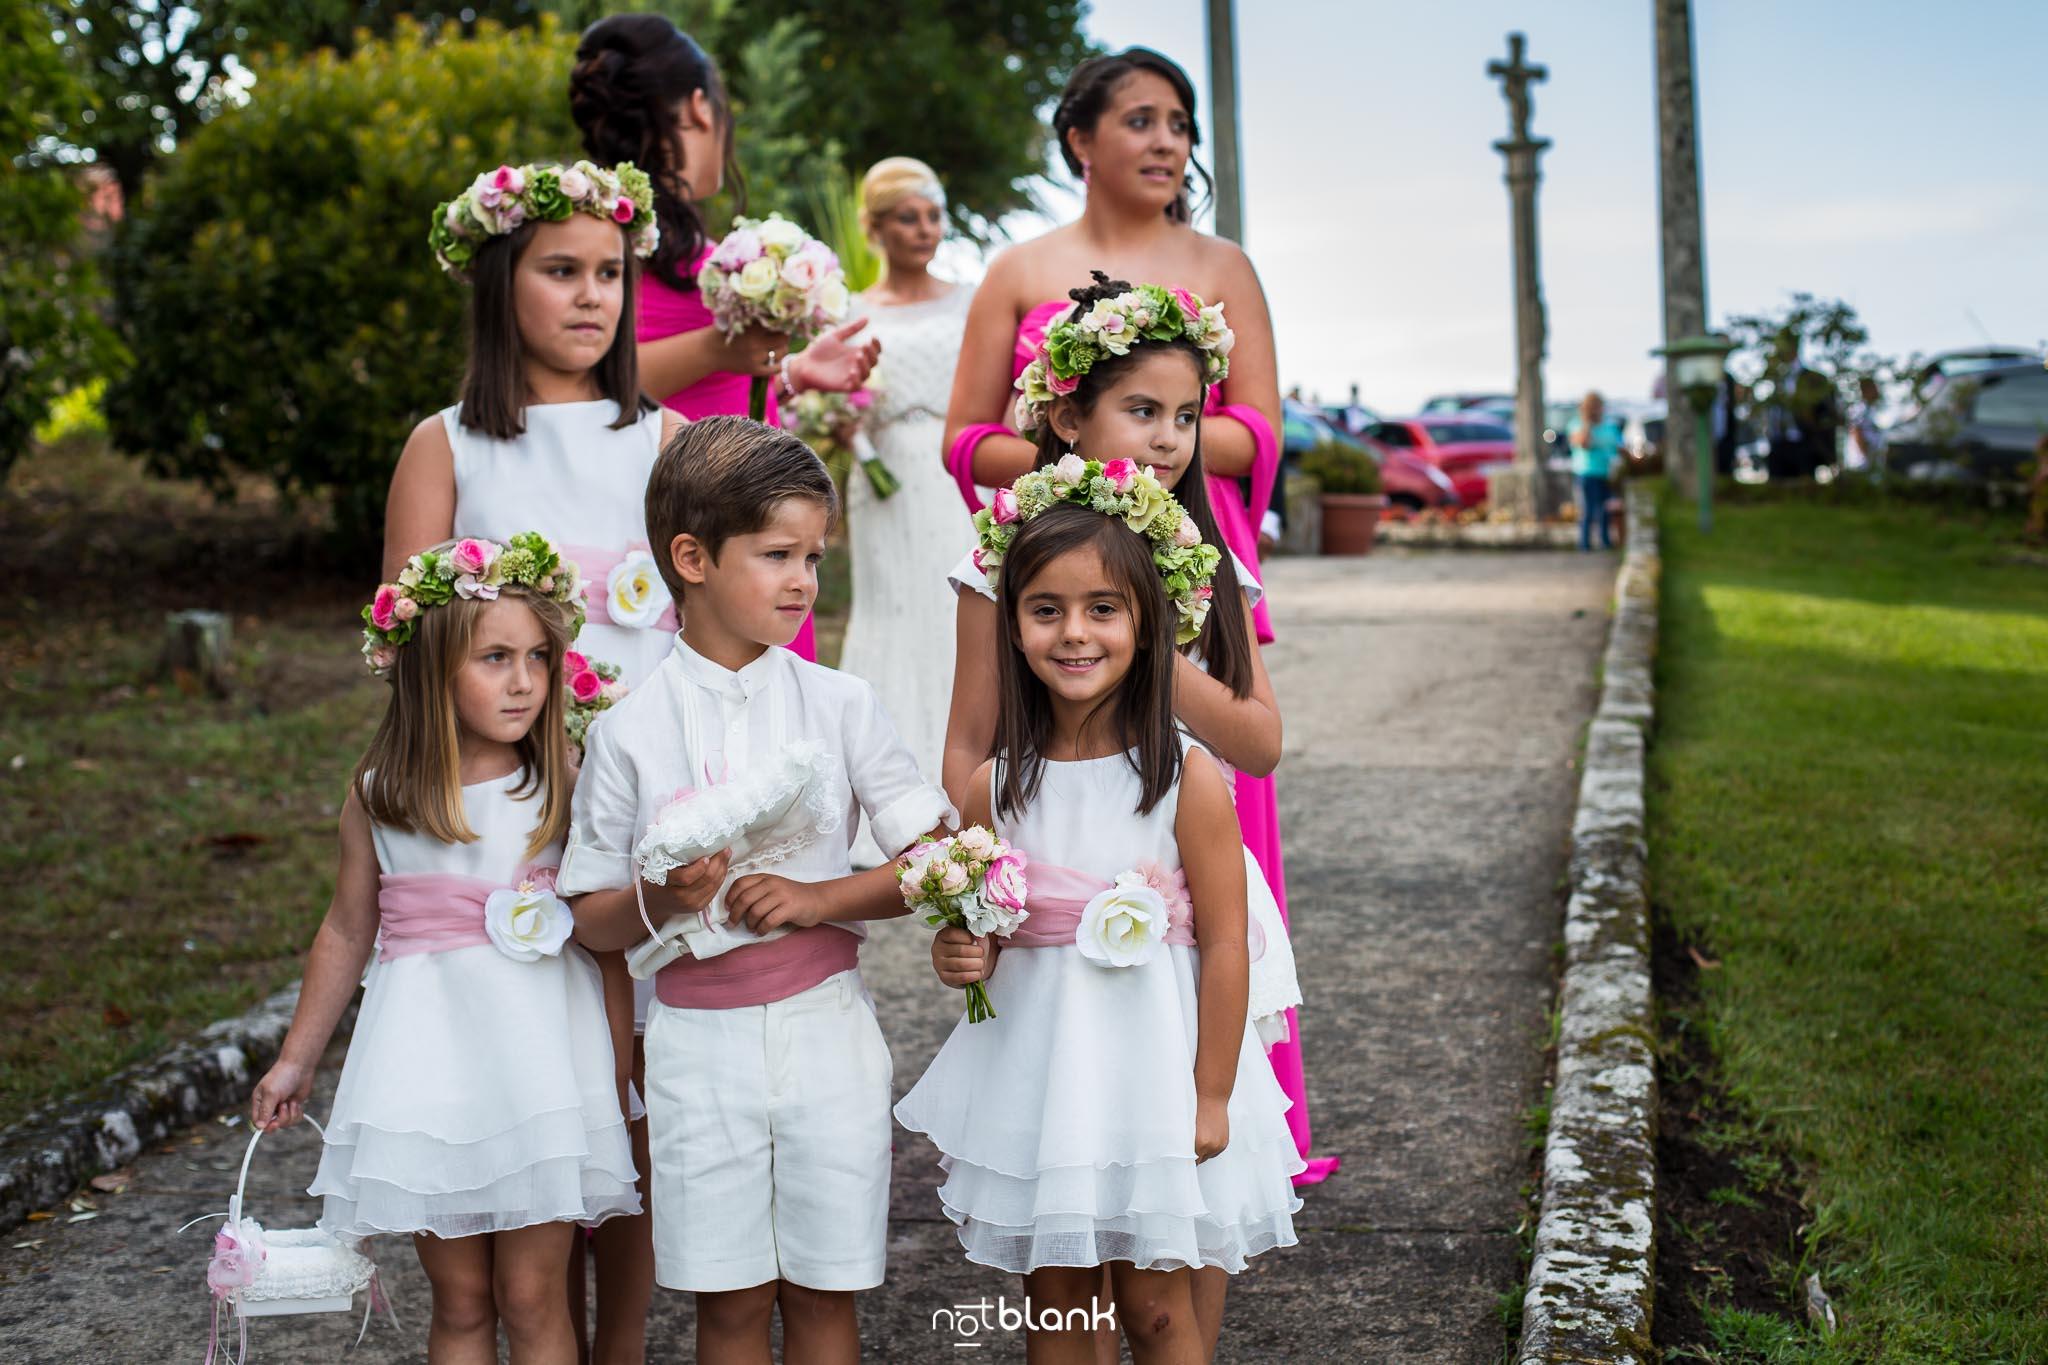 Boda Parador Baiona-Bayona-Niñas-Flores-Niño-Fotógrafo de boda